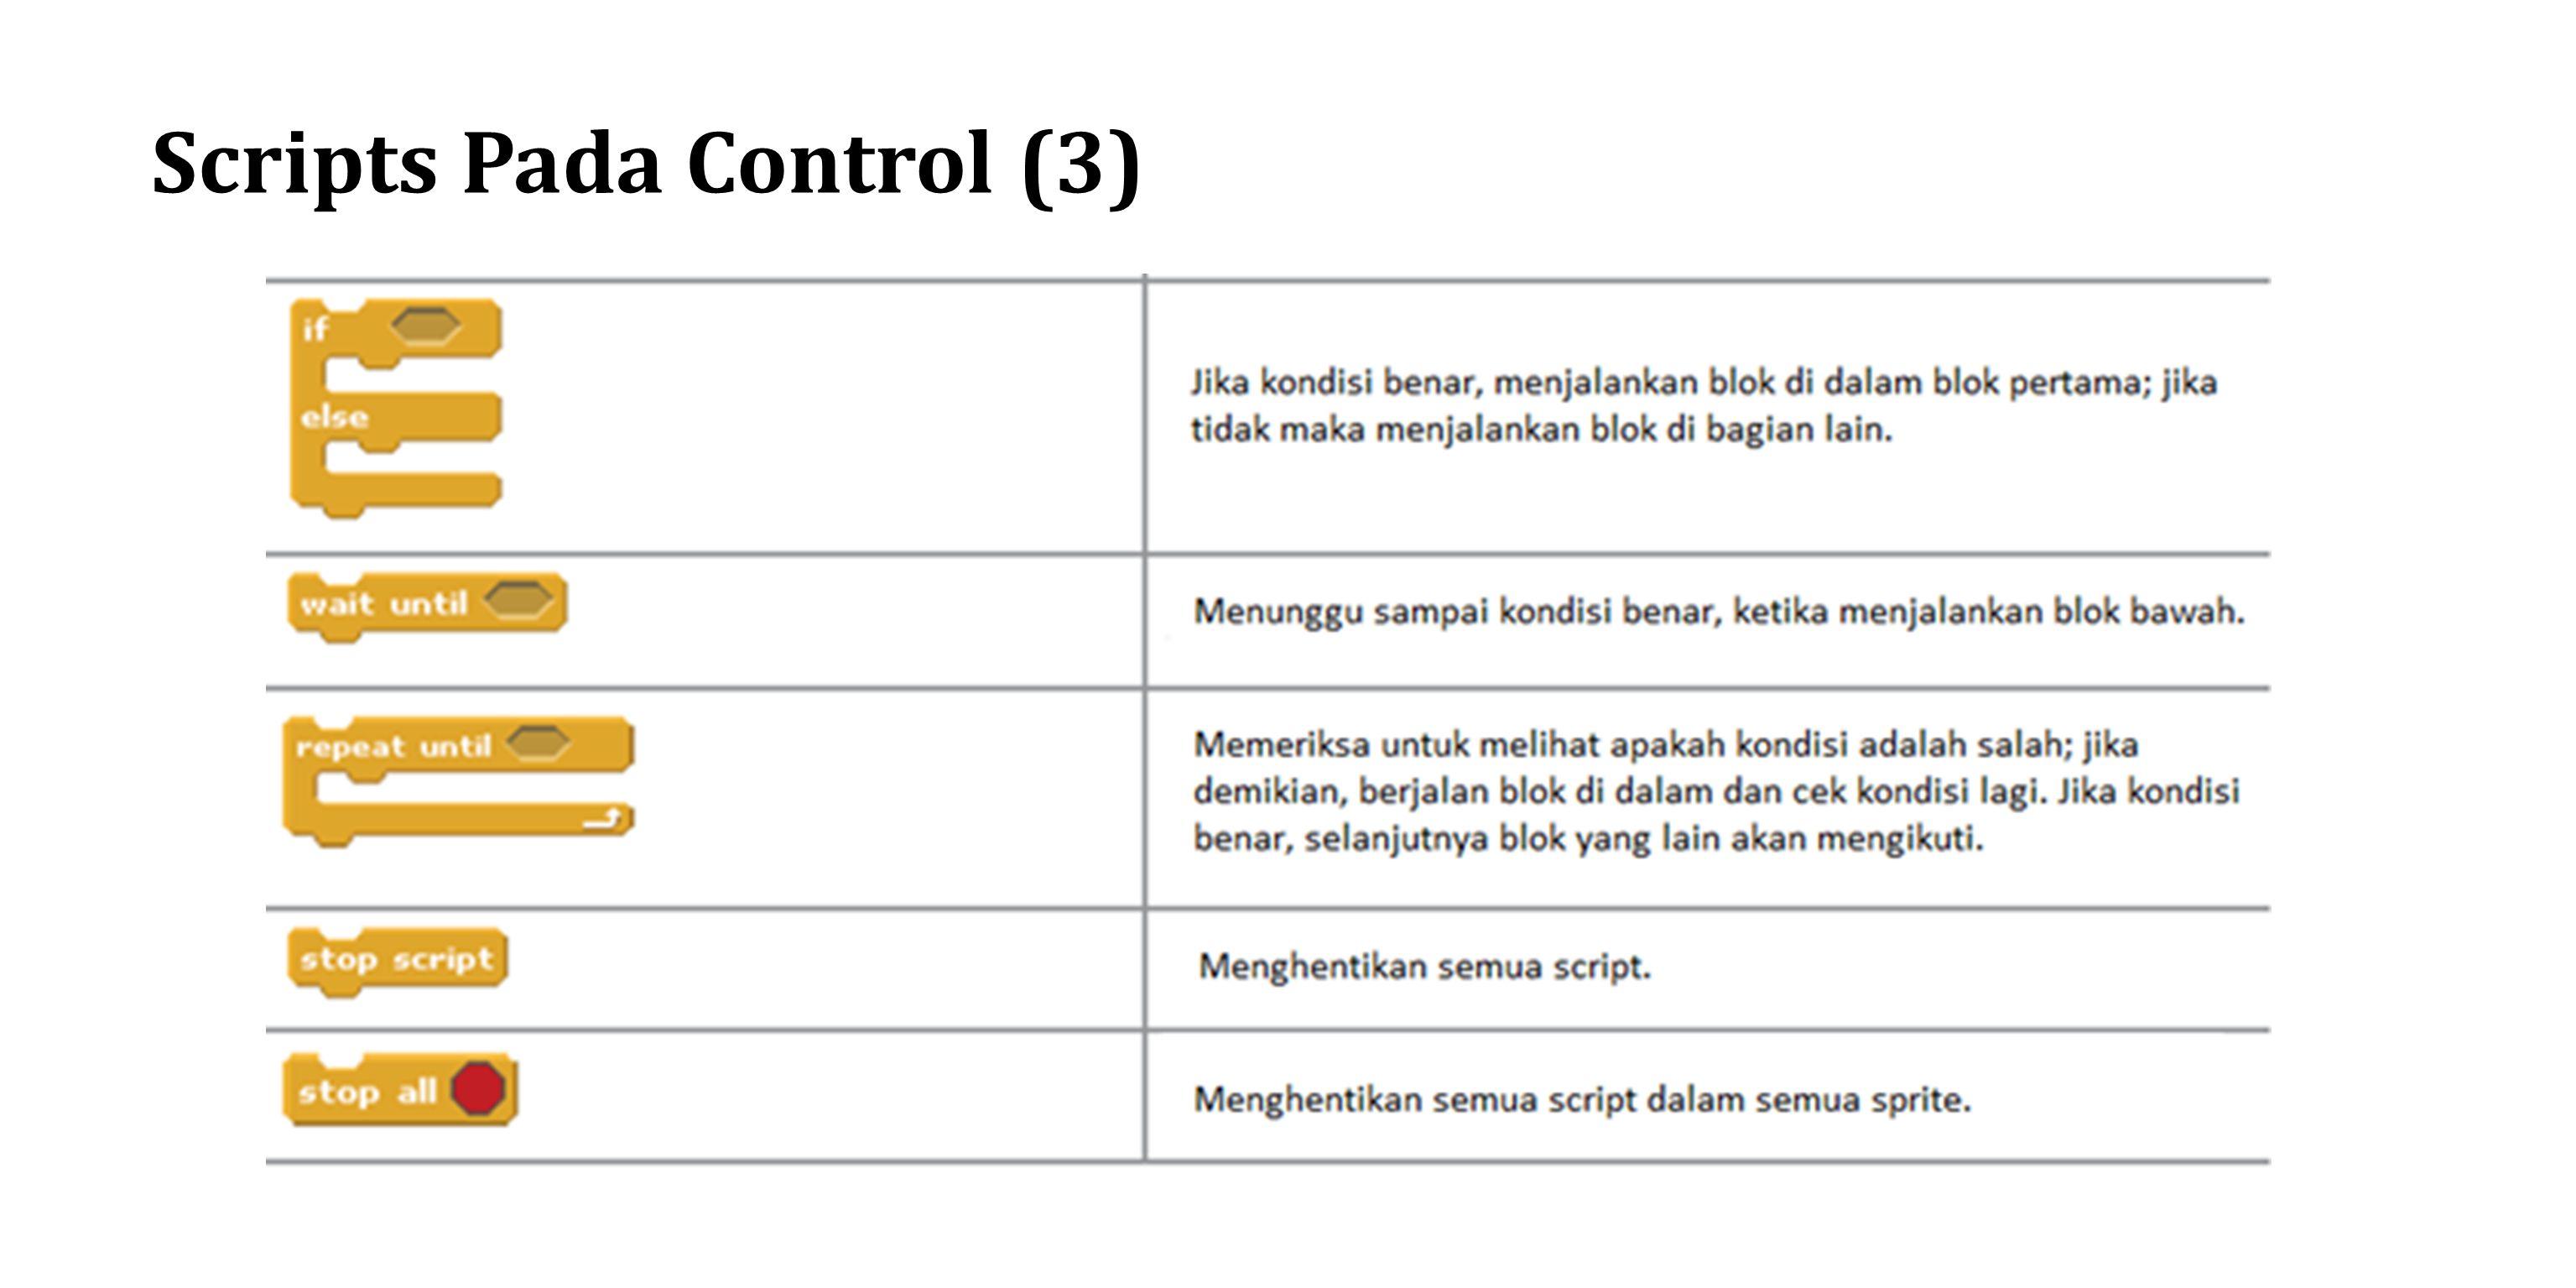 Scripts Pada Control (3)